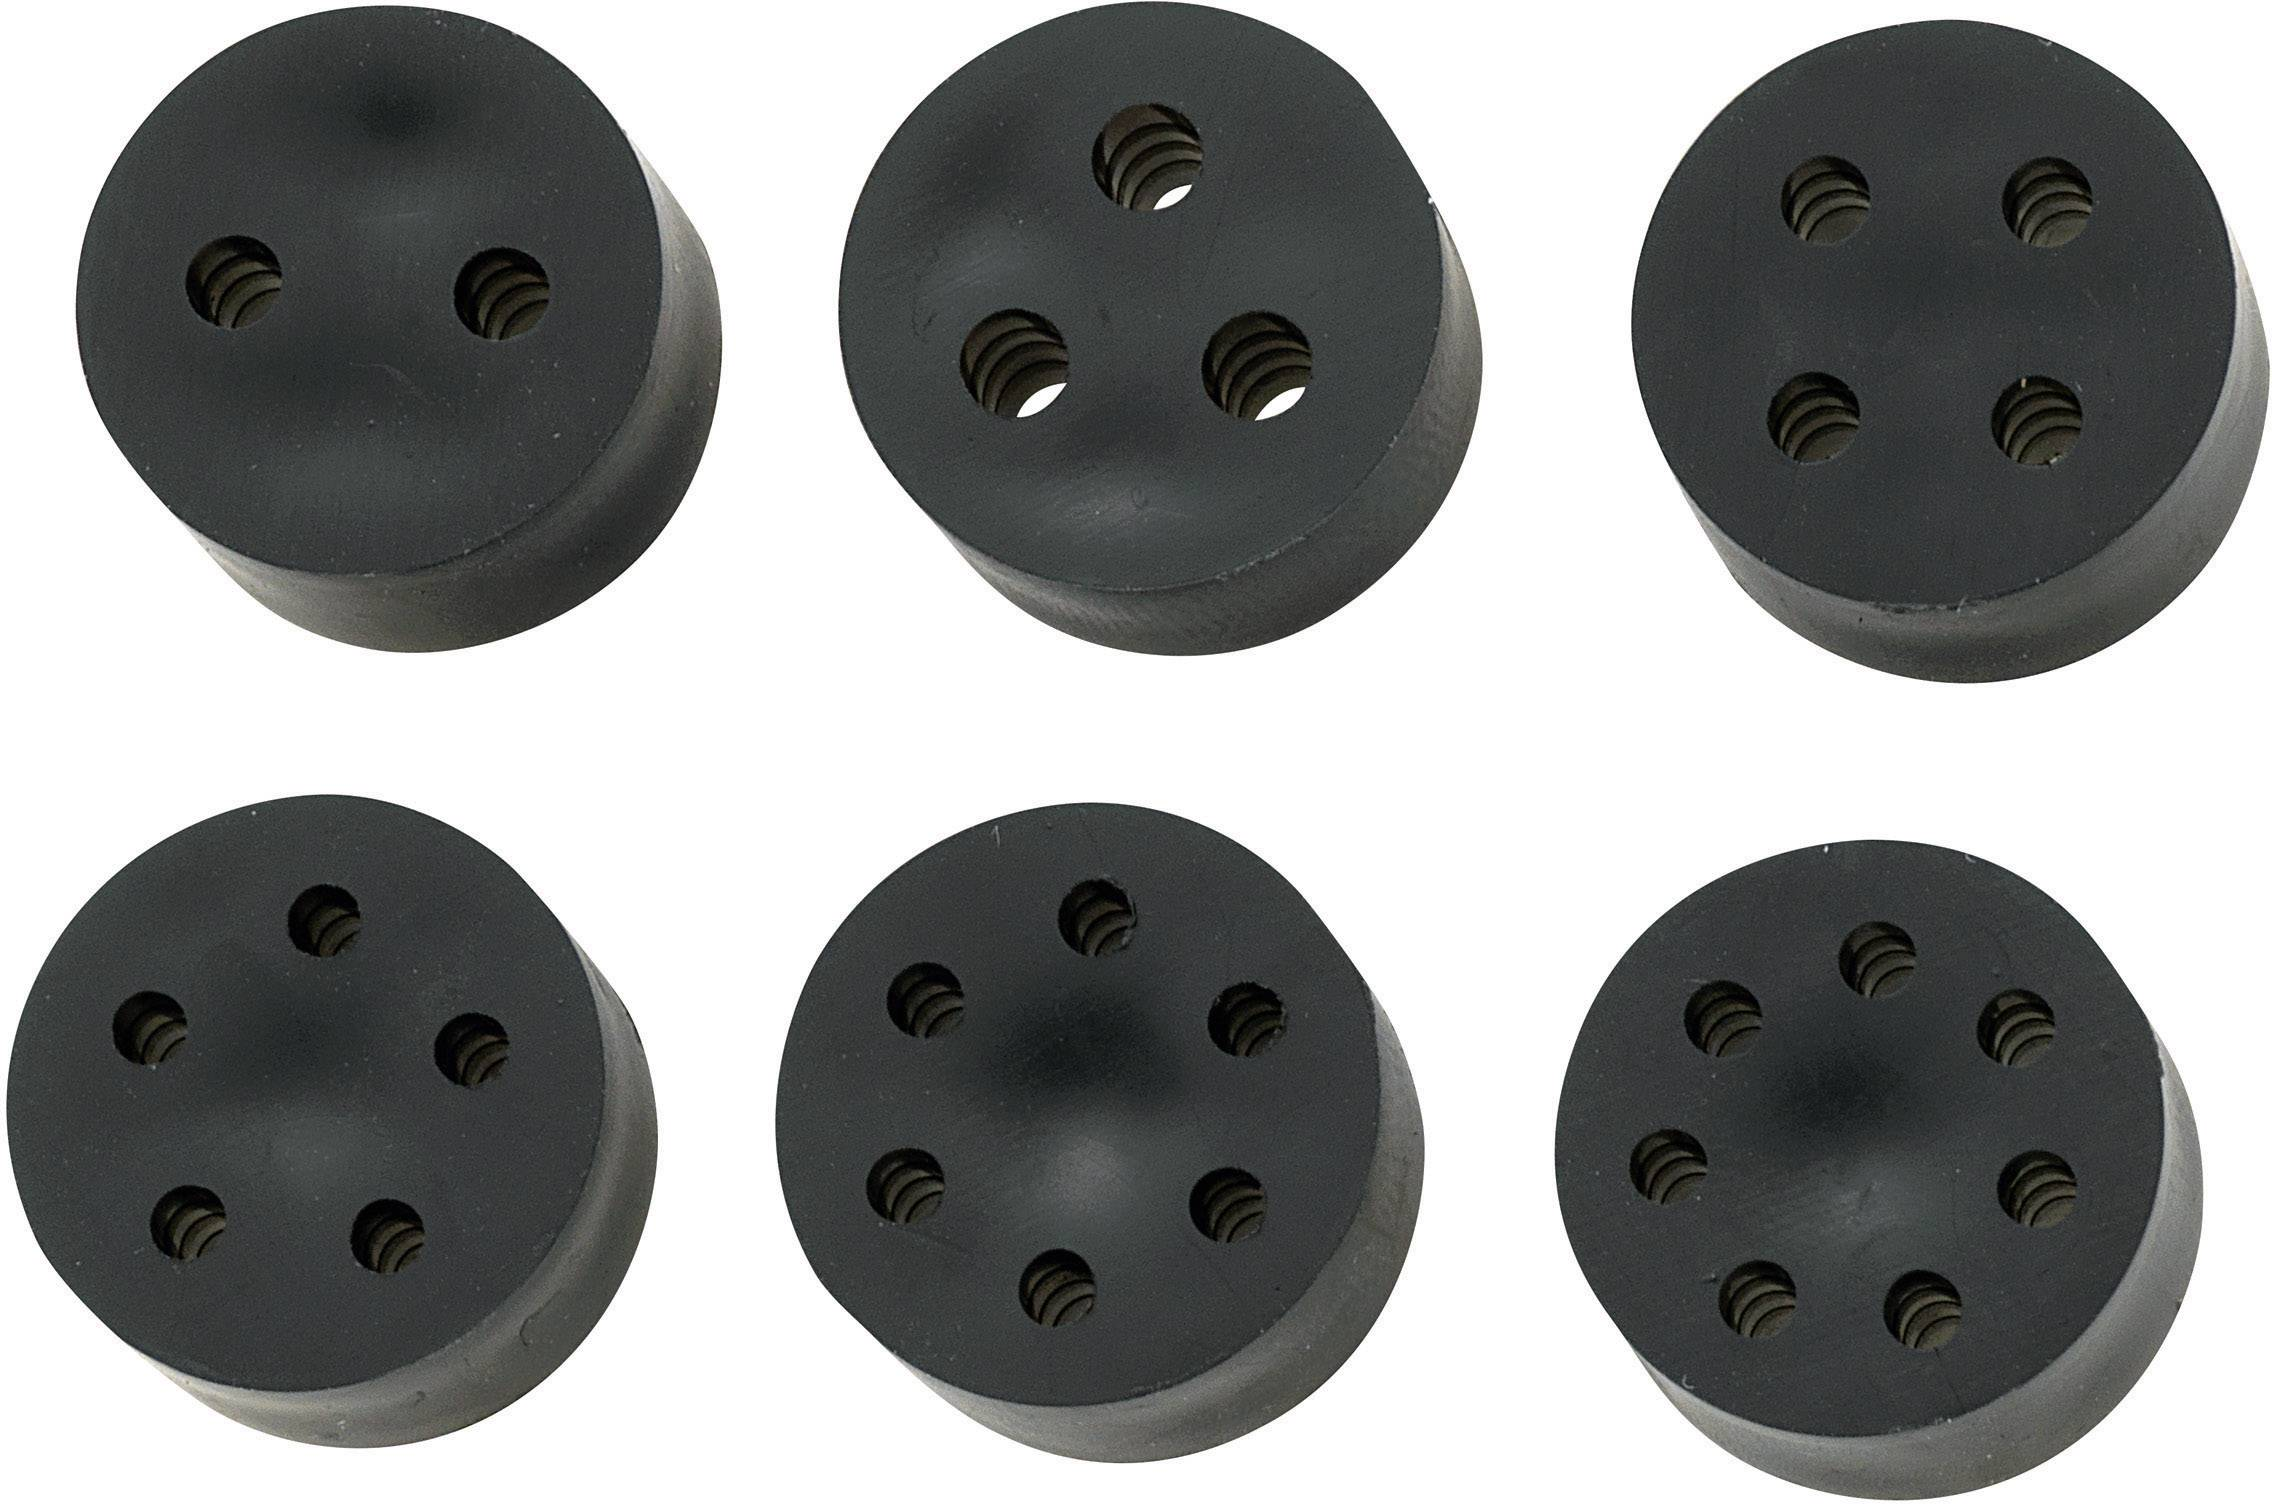 Tesniaca vložka s viacerými priechodmi KSS MH23-5E, PG21, guma, 1 ks